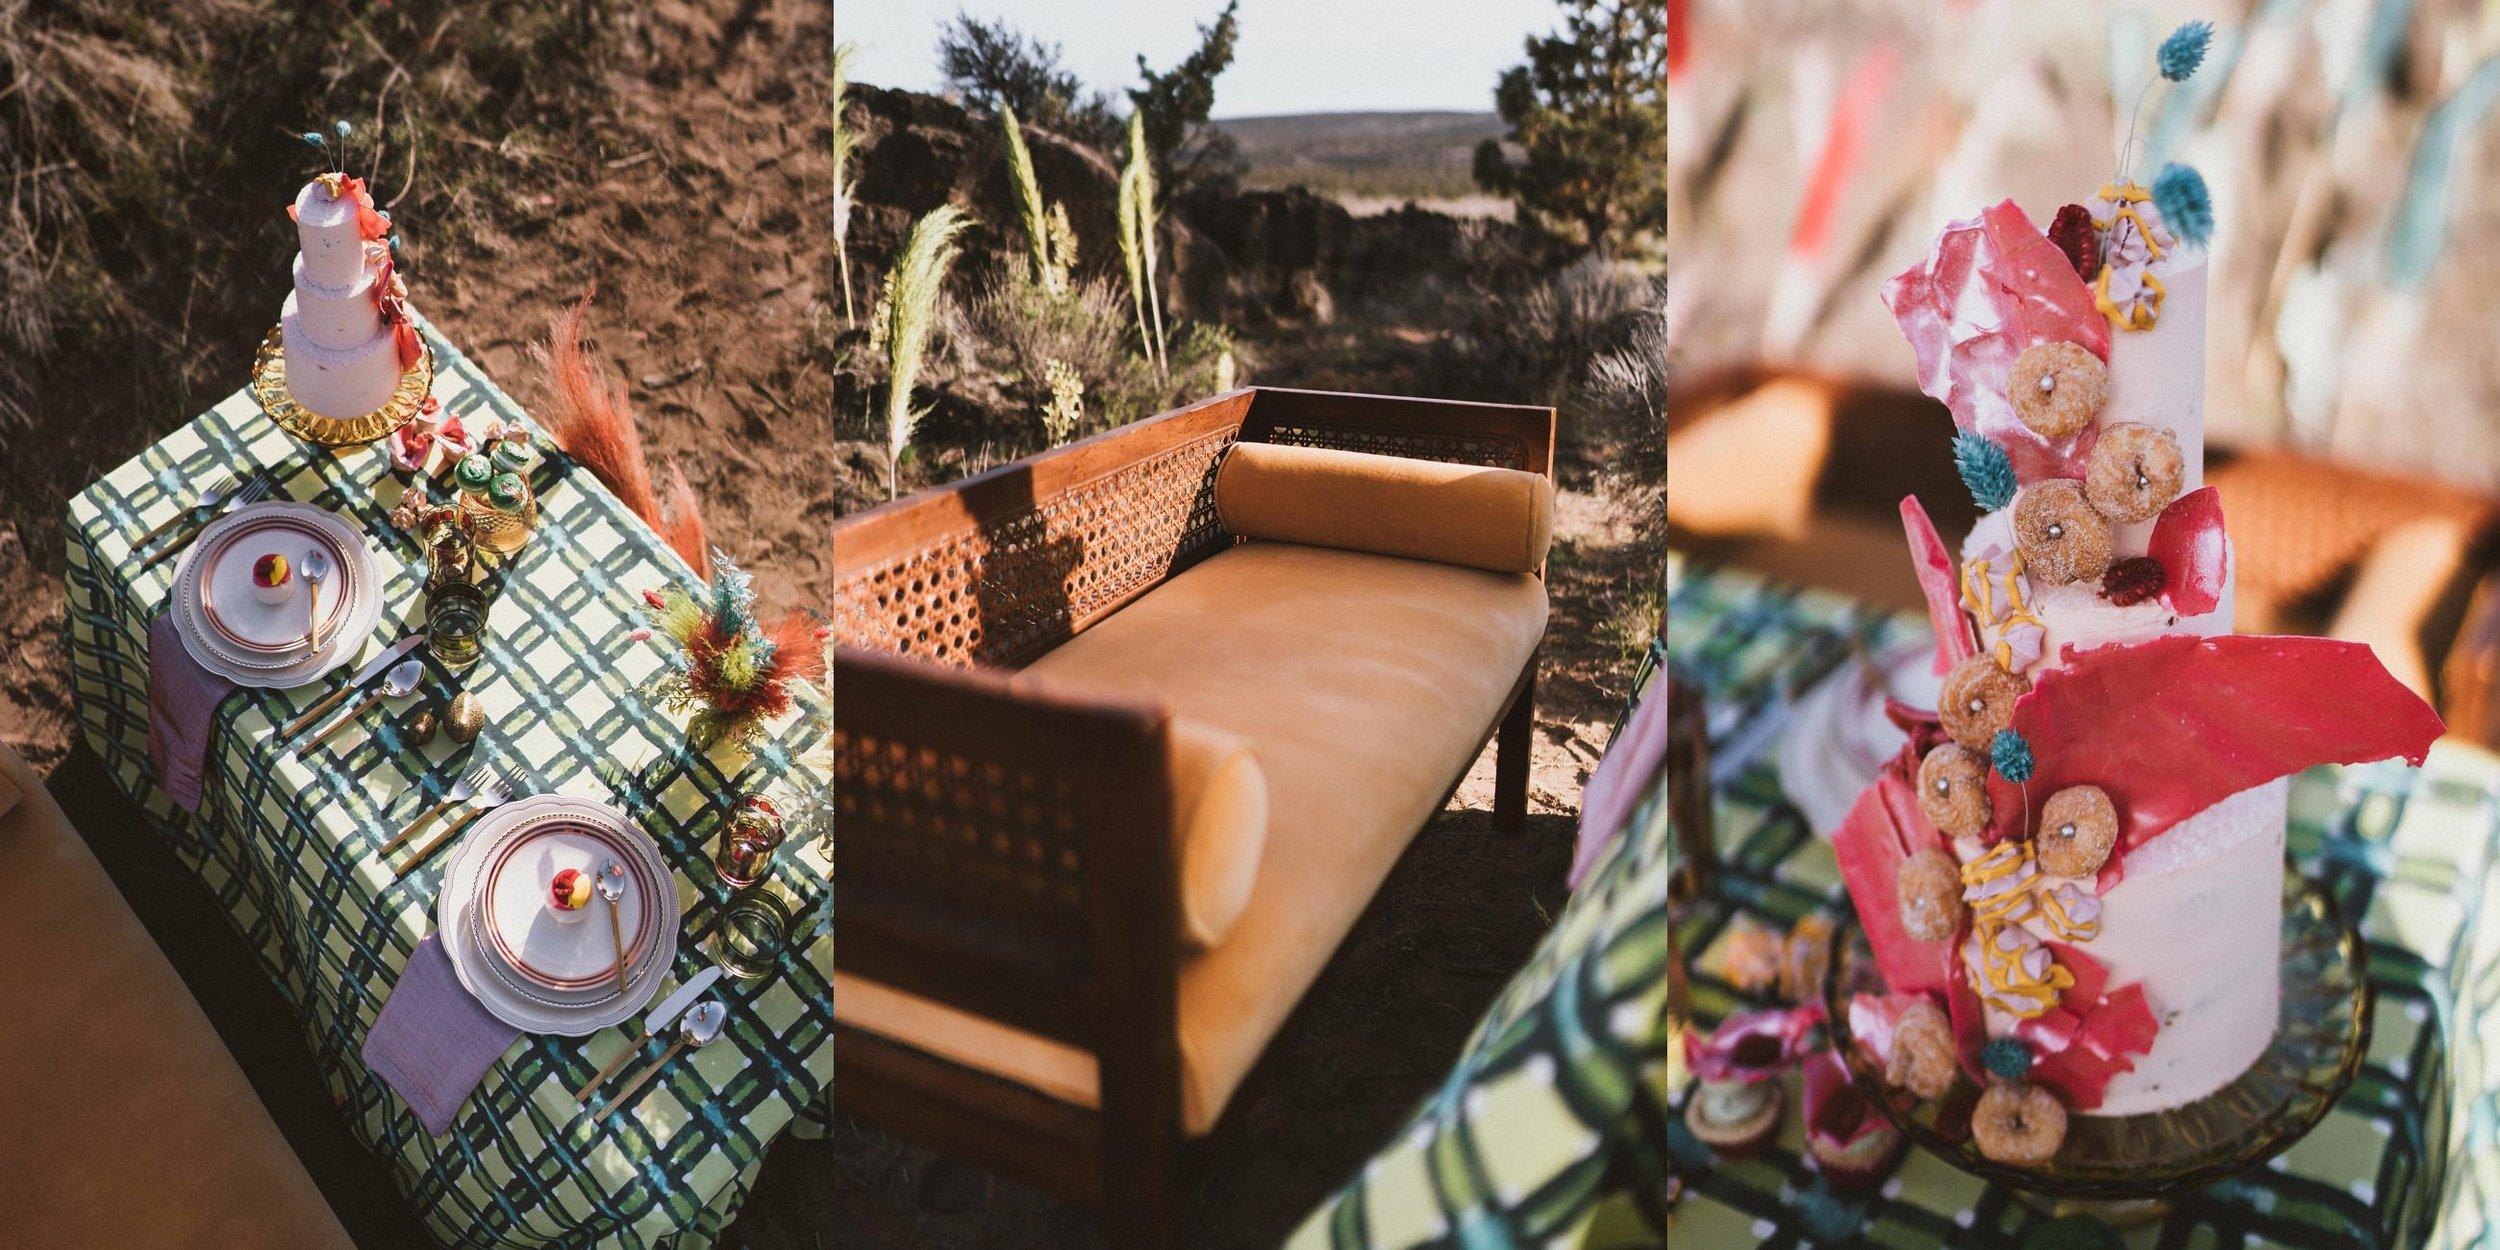 TONY-GAMBINO-PHOTOGRAPHY-BEND-OREGON-WEDDING-SHOOT_1485 Table Cake Vintage Seat.jpg